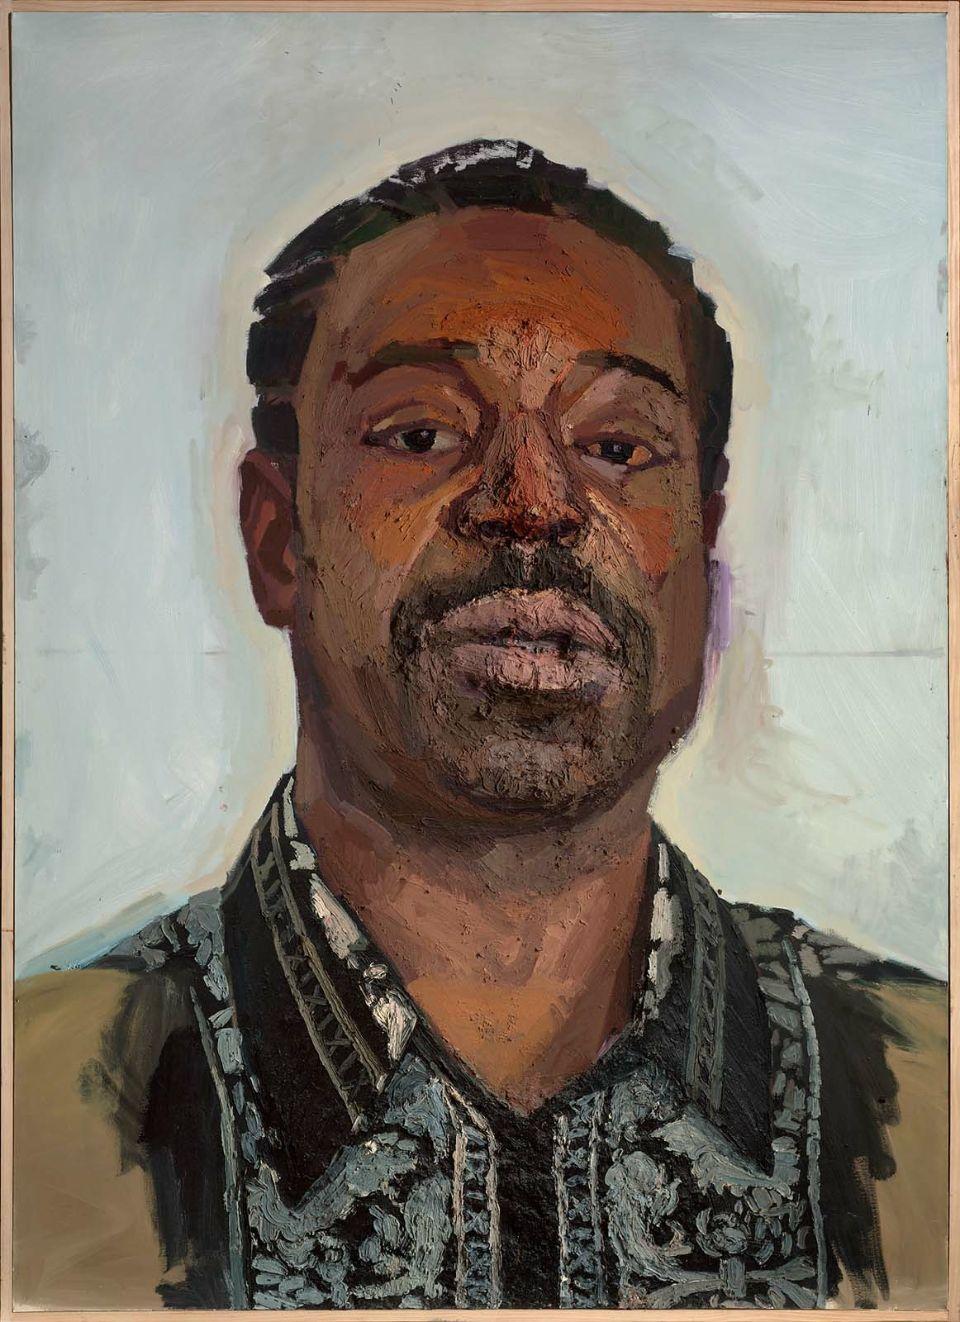 Sedrick Huckaby, Enocio, 2003-06.